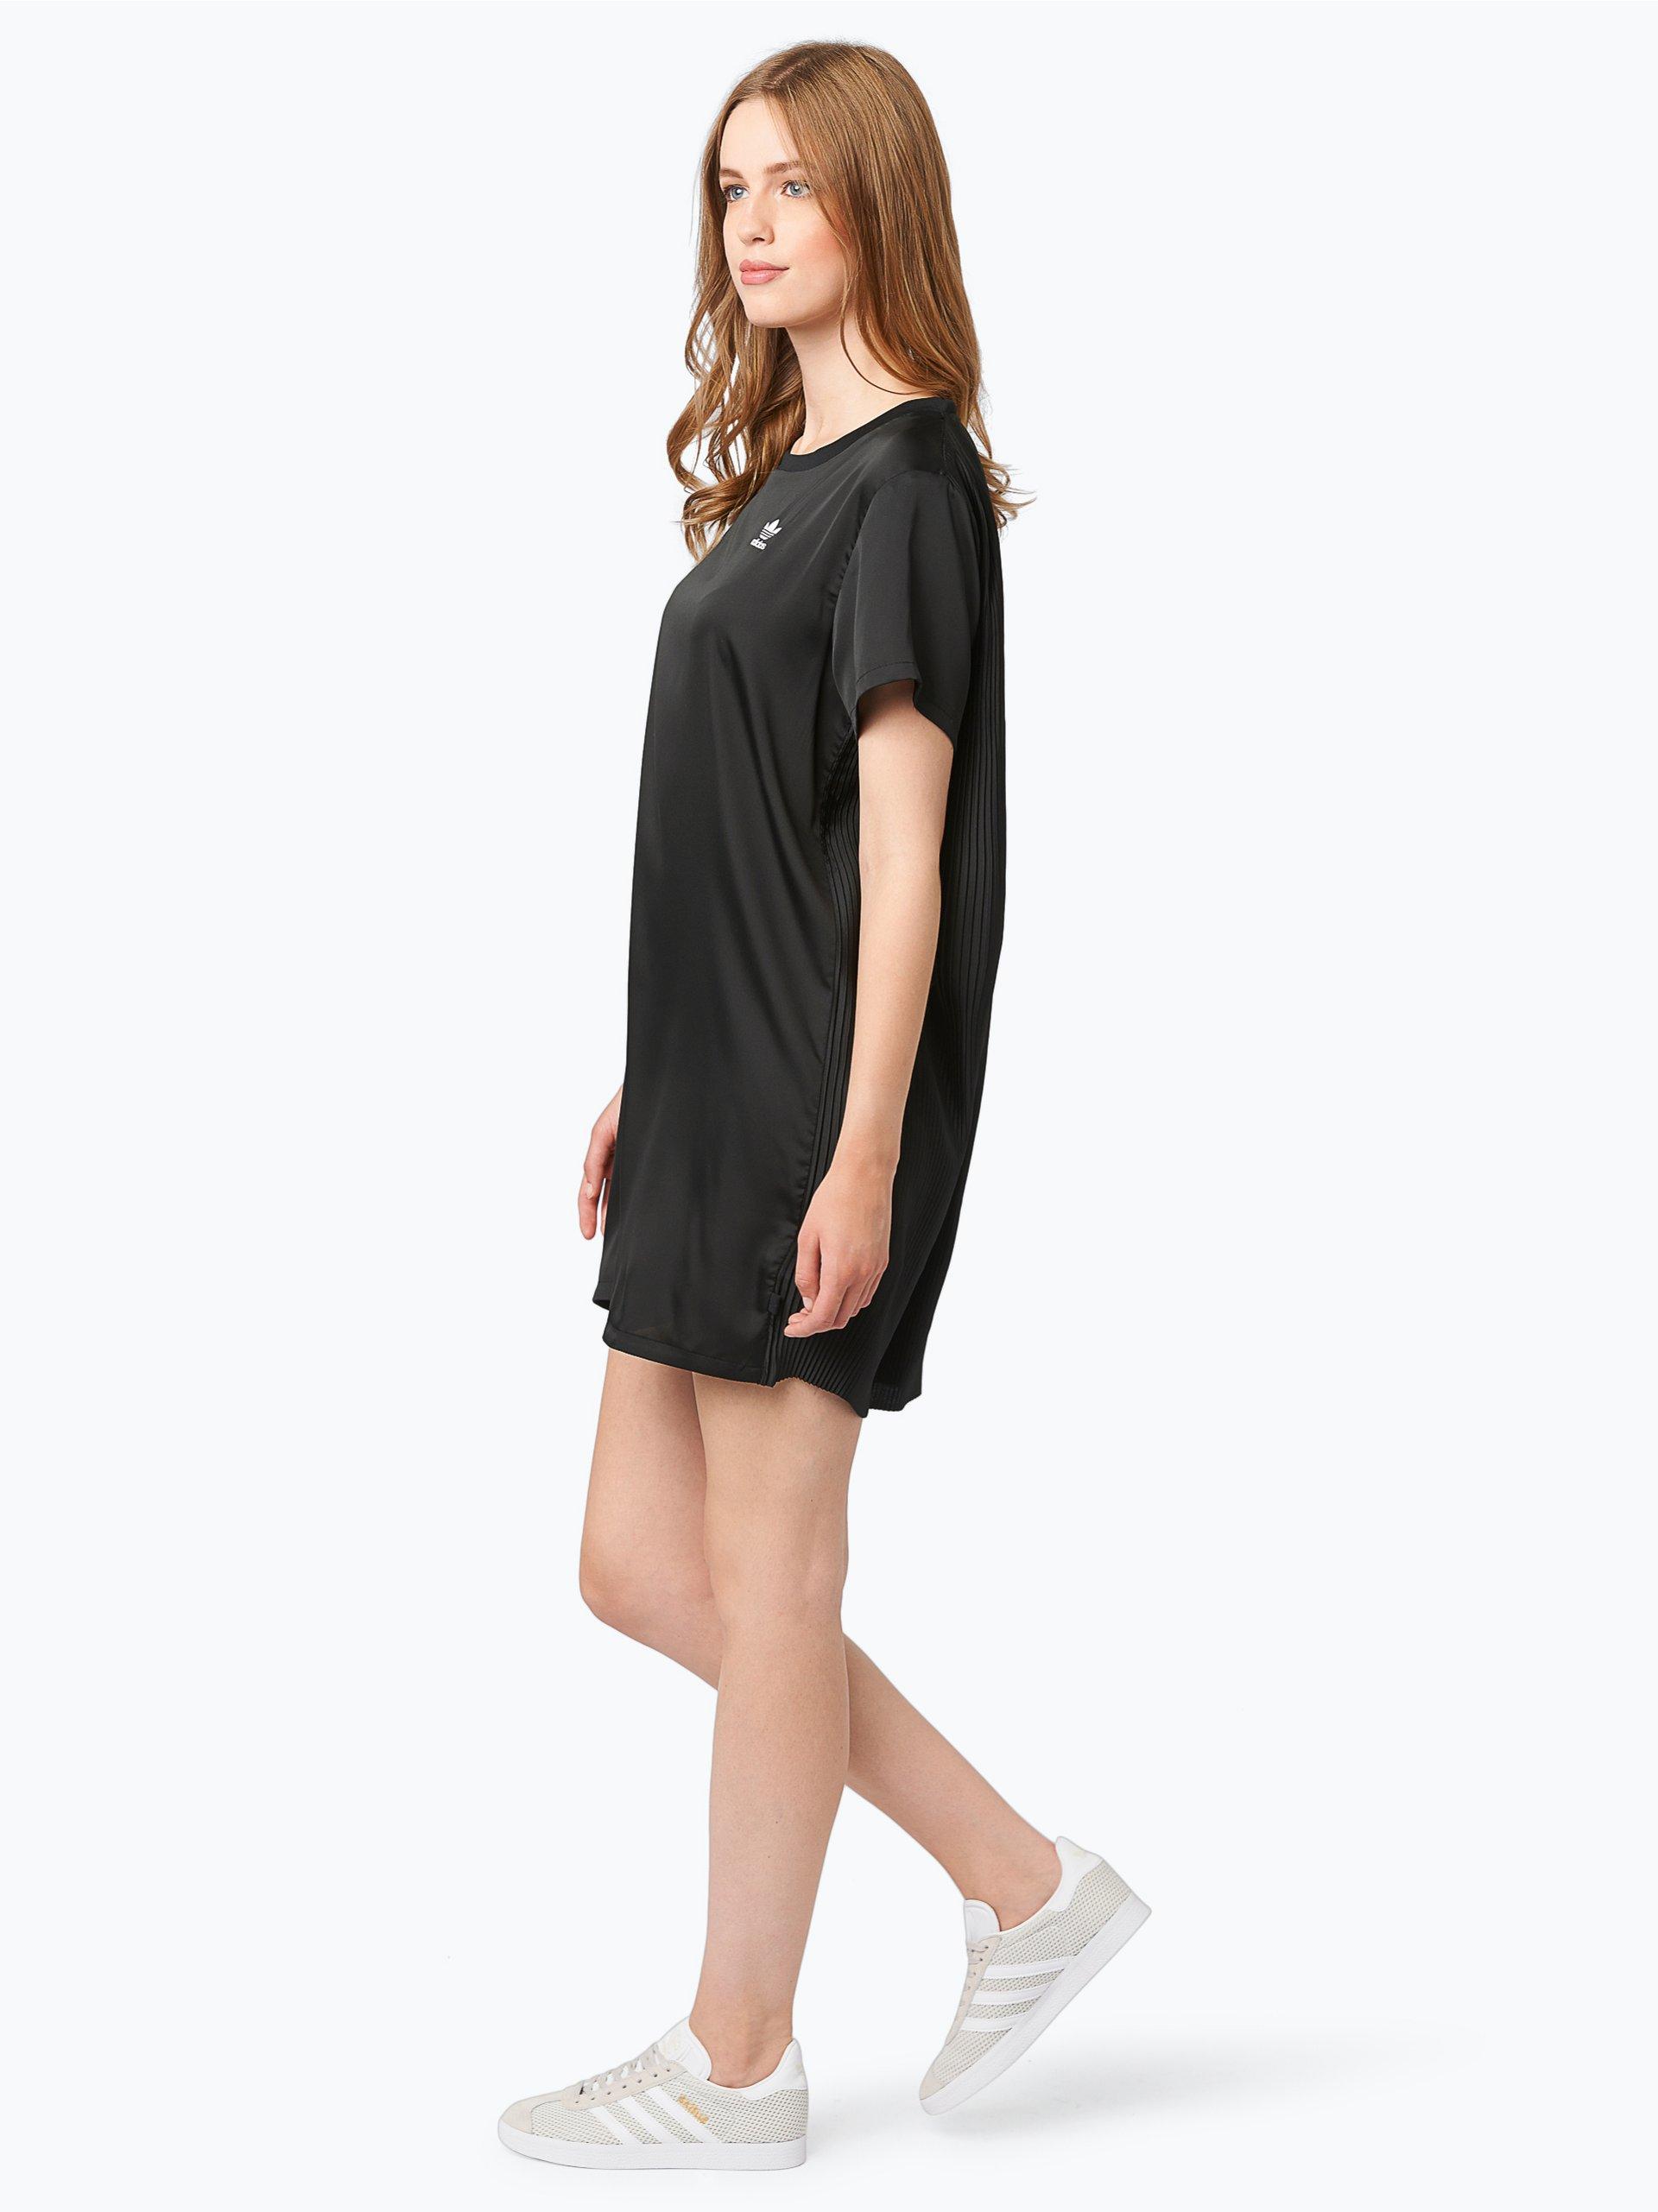 adidas originals damen kleid schwarz uni online kaufen. Black Bedroom Furniture Sets. Home Design Ideas